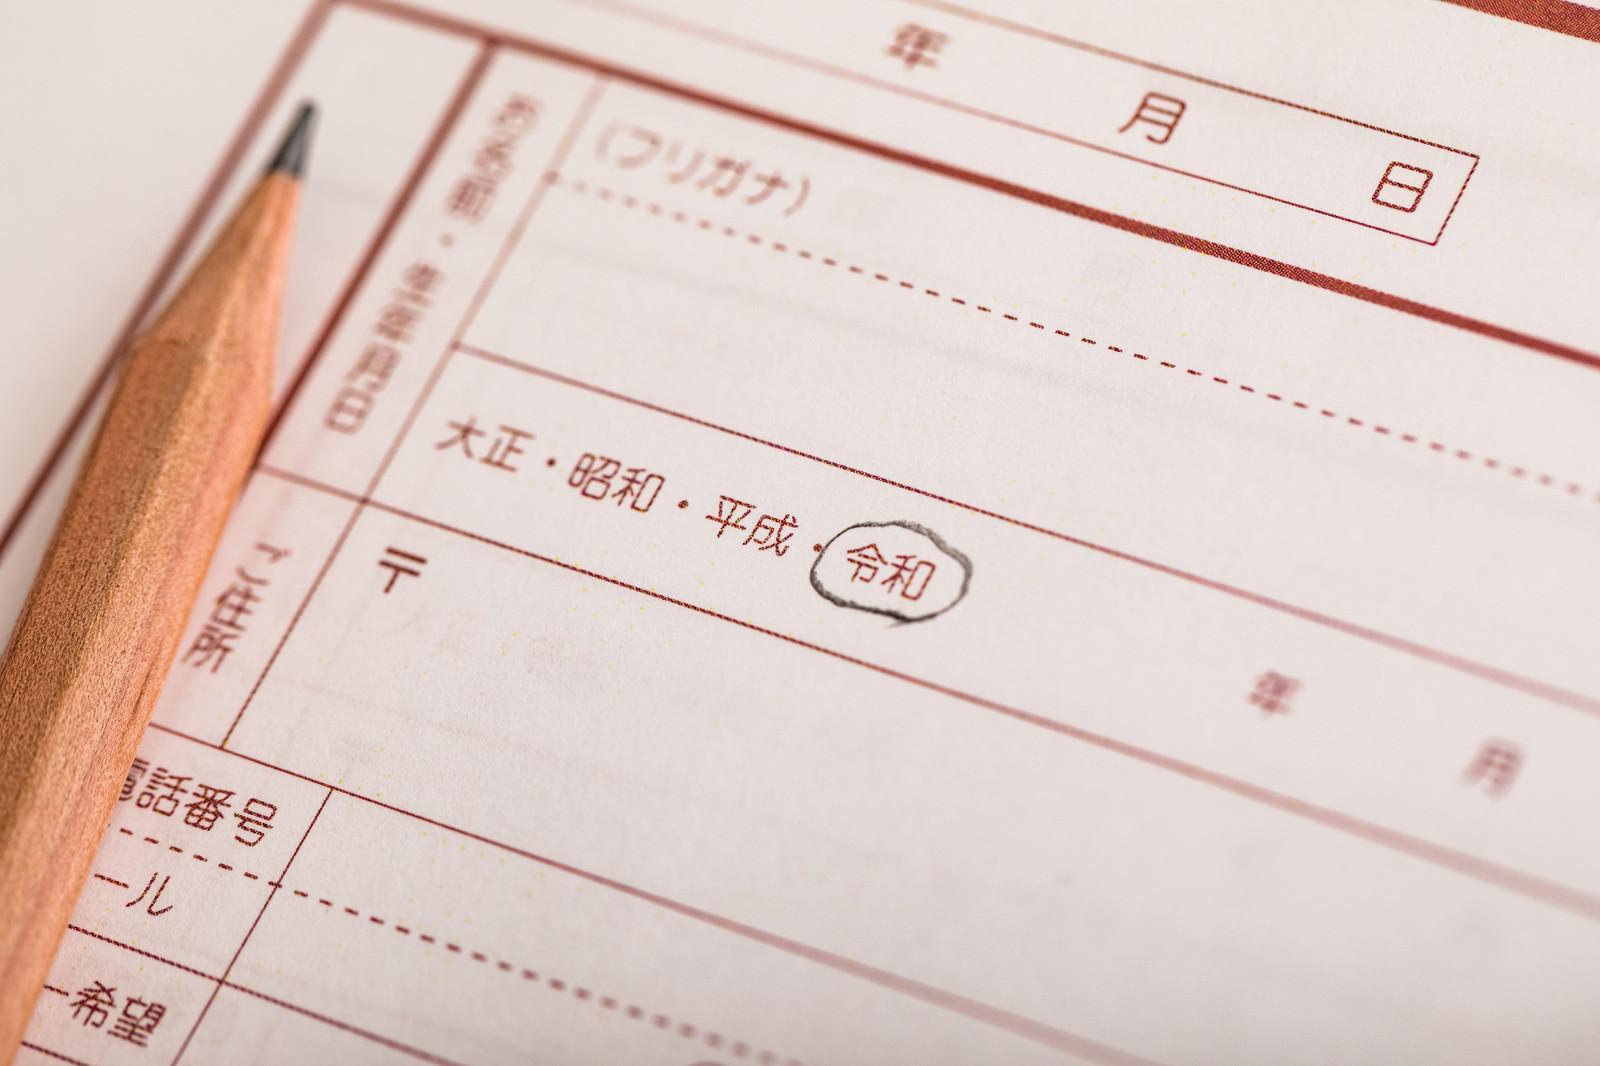 「生年月日欄の令和を丸で囲む」の写真